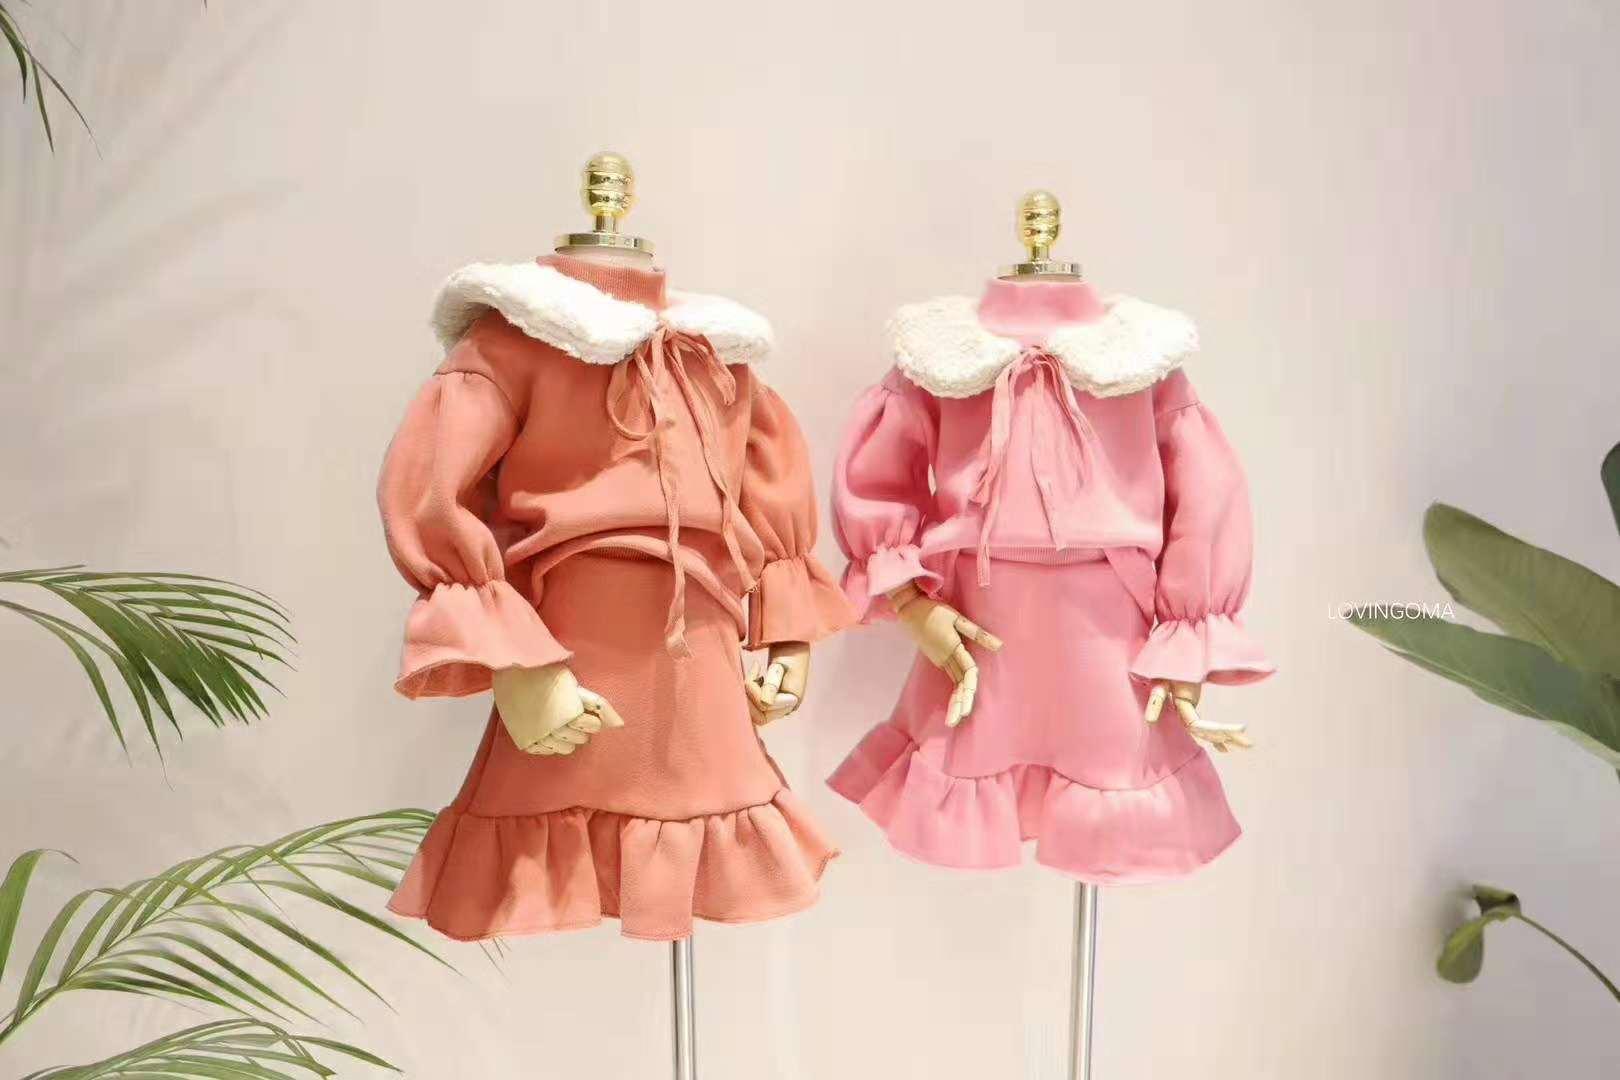 童装欧韩精品高端一手货源厂家直销,支持一件代发可混批。